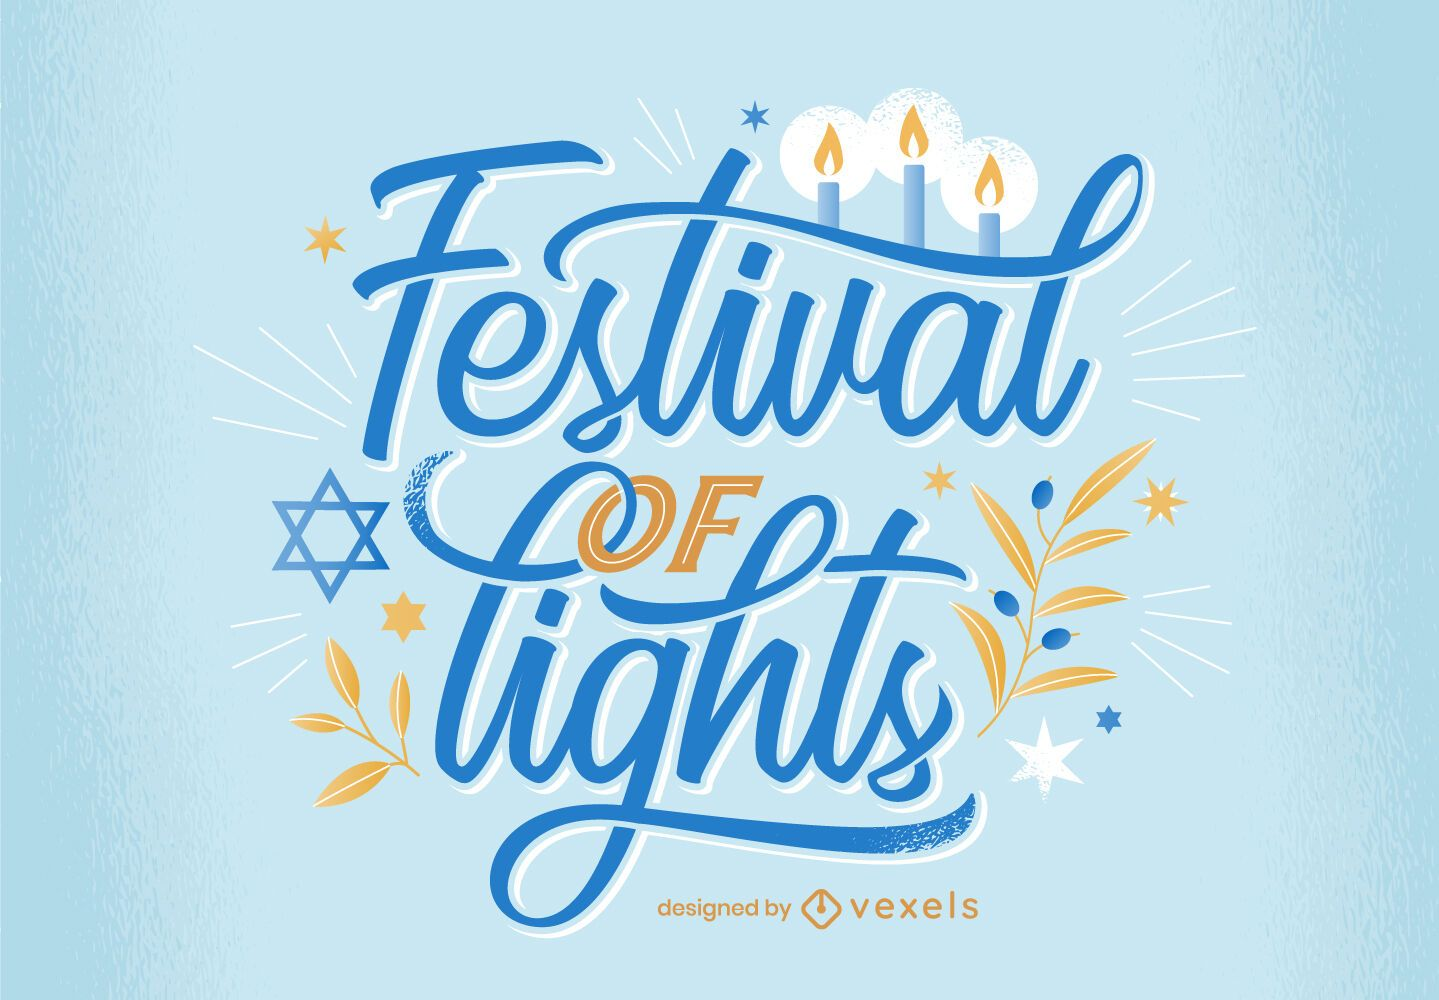 Festival of lights hanukkah lettering design